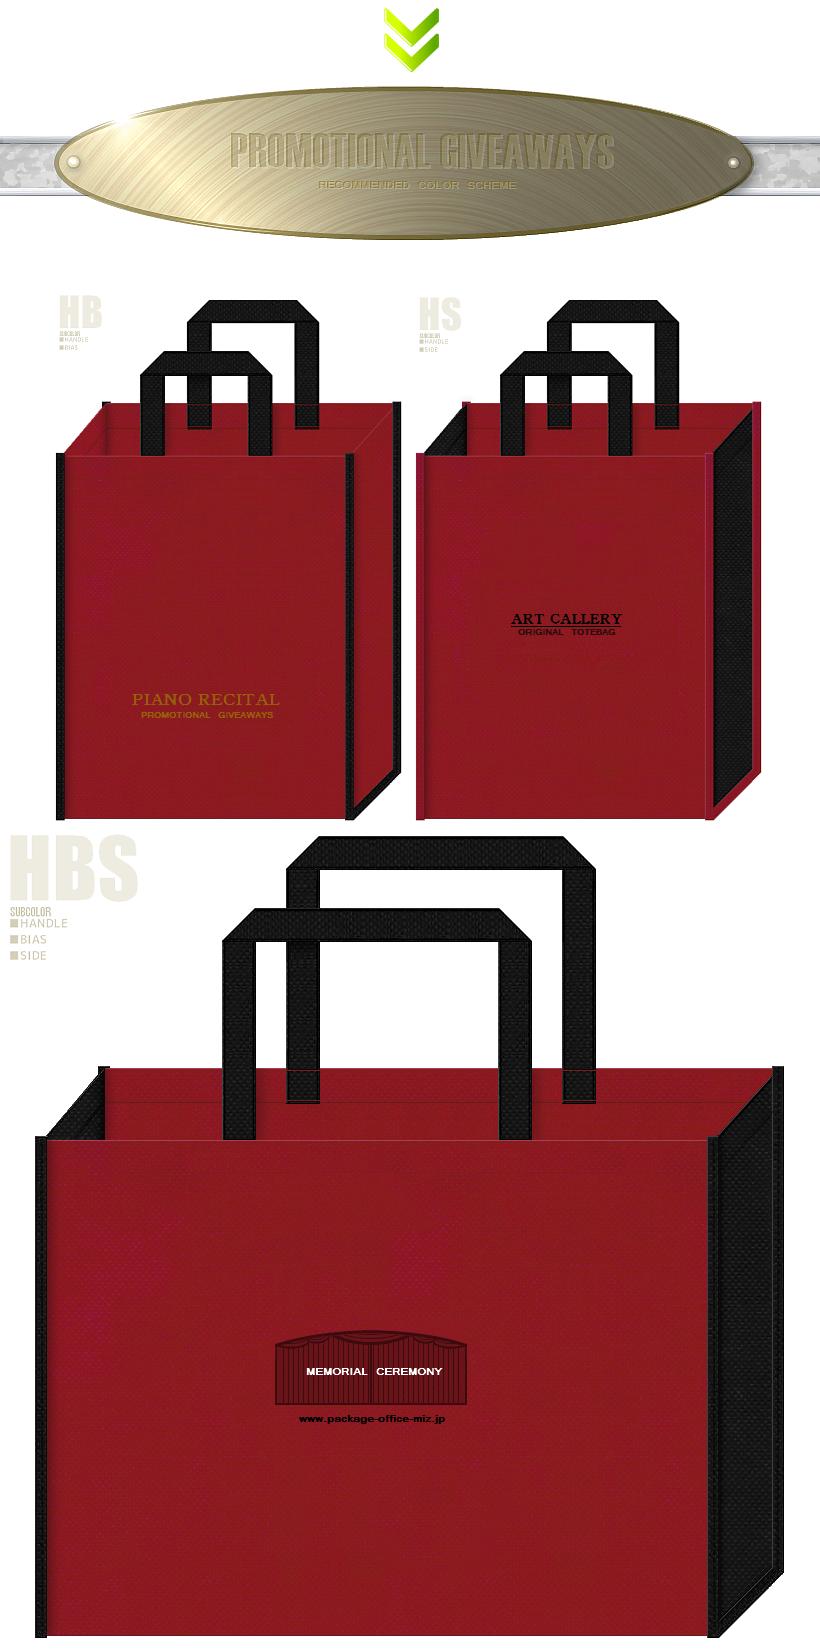 エンジ色と黒色の不織布バッグデザイン:左-ピアノコンサートのノベルティ 右-画廊のノベルティ 下:式典の記念品